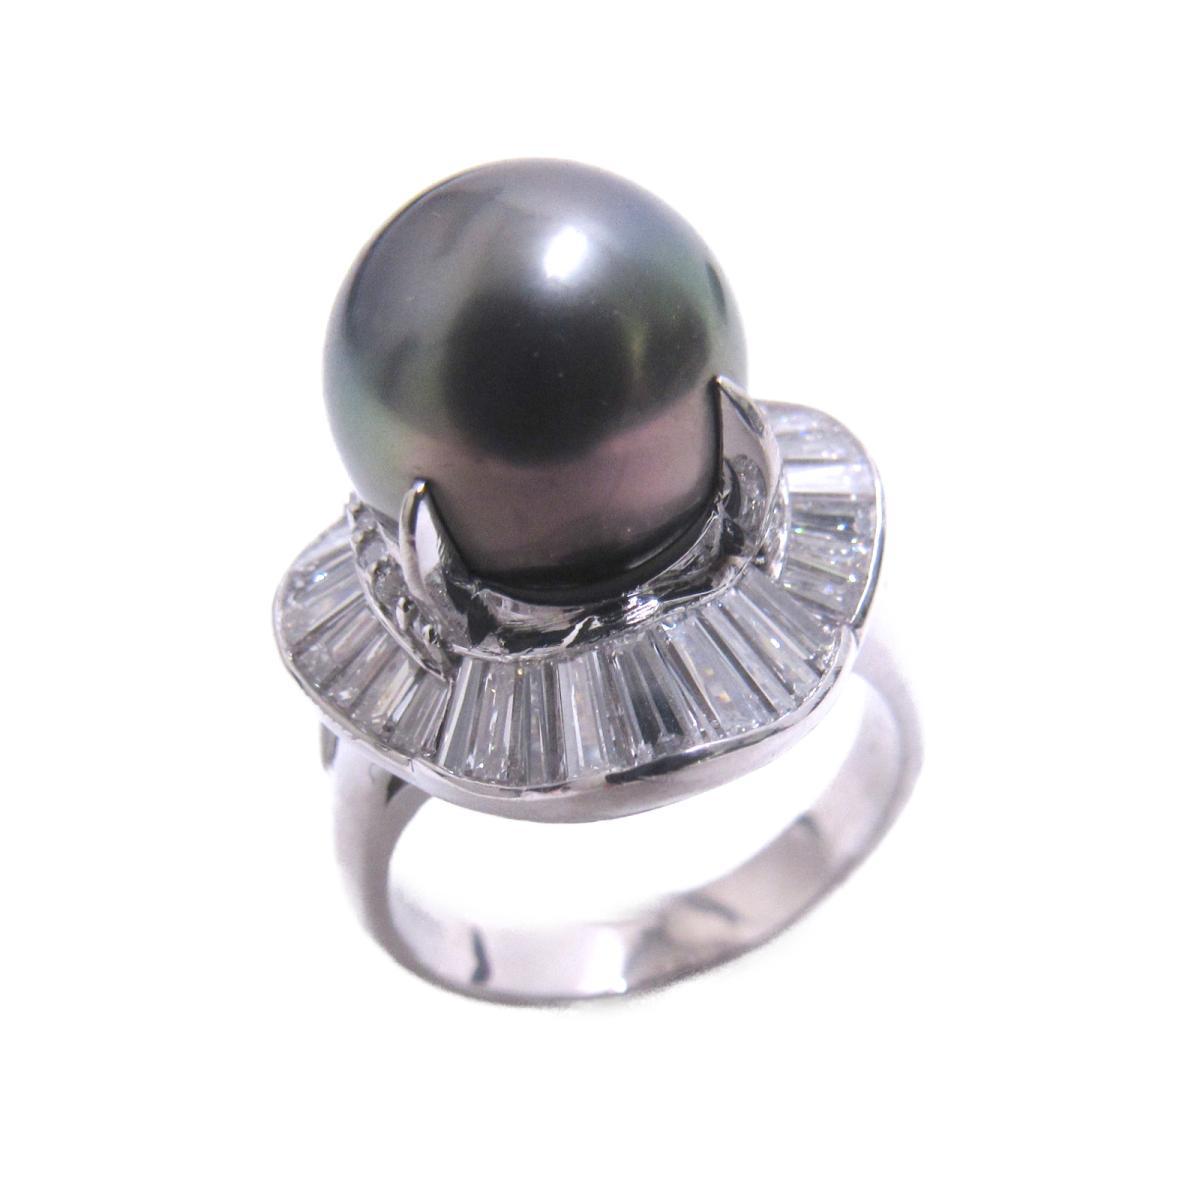 【中古】 ジュエリー パールリング 指輪 レディース PT900 プラチナ x パール ダイヤモンド (1.77ct) シルバー | JEWELRY BRANDOFF ブランドオフ ブランド アクセサリー リング